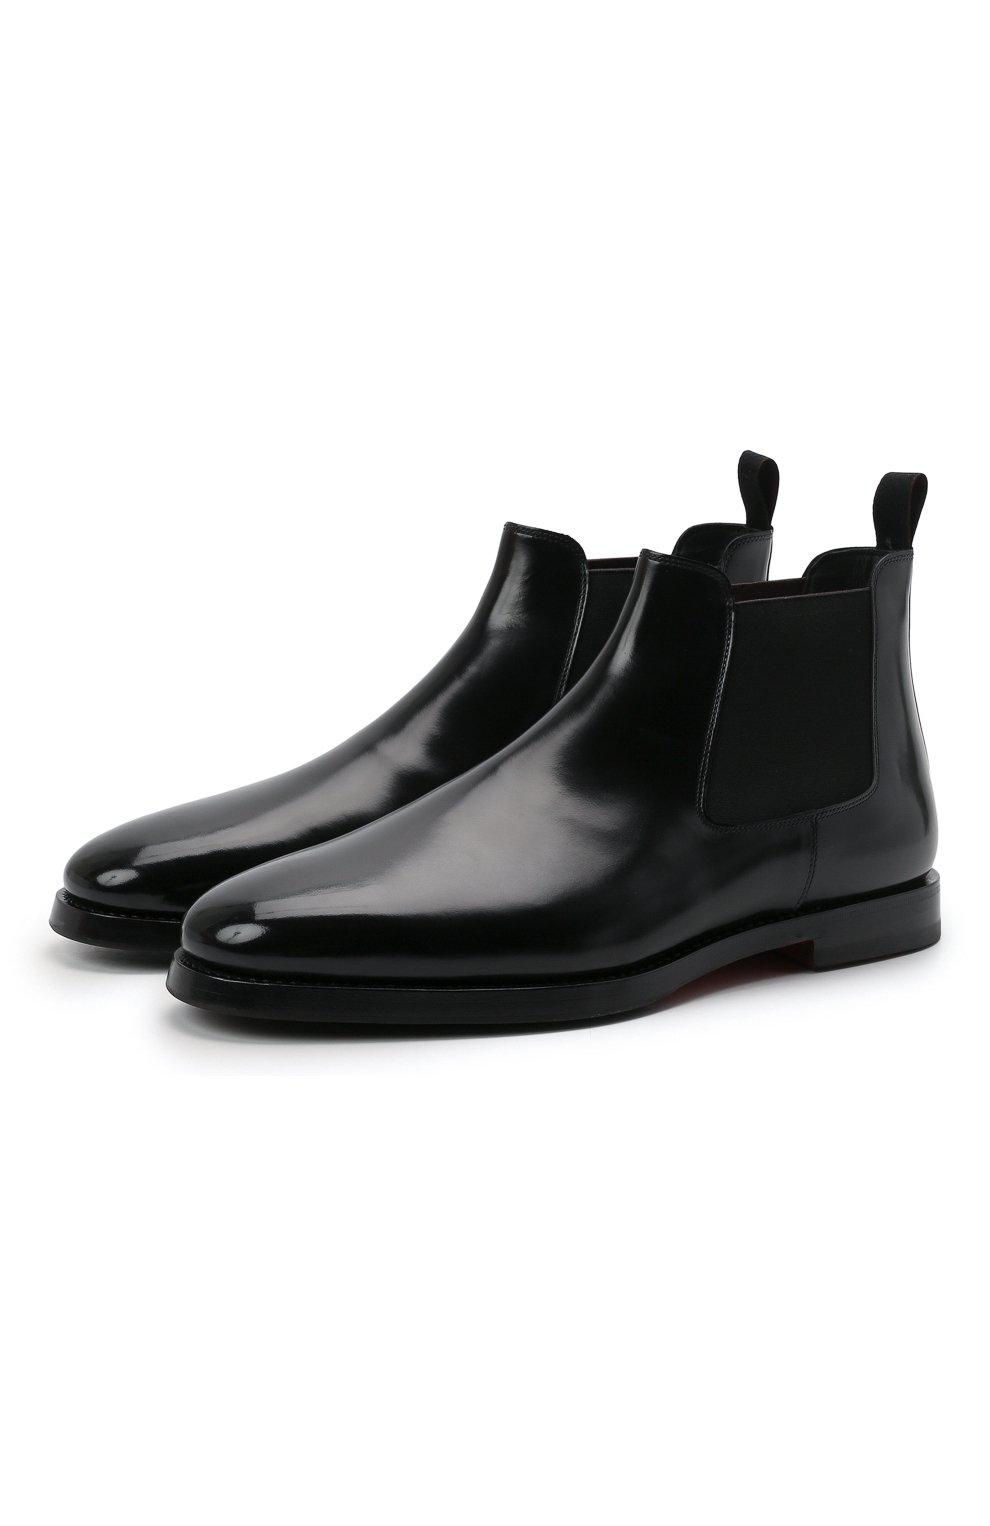 Мужские кожаные челси SANTONI черного цвета, арт. MCCG17802SG3AVRTN01 | Фото 1 (Материал внутренний: Натуральная кожа; Подошва: Плоская; Мужское Кросс-КТ: Сапоги-обувь, Челси-обувь)